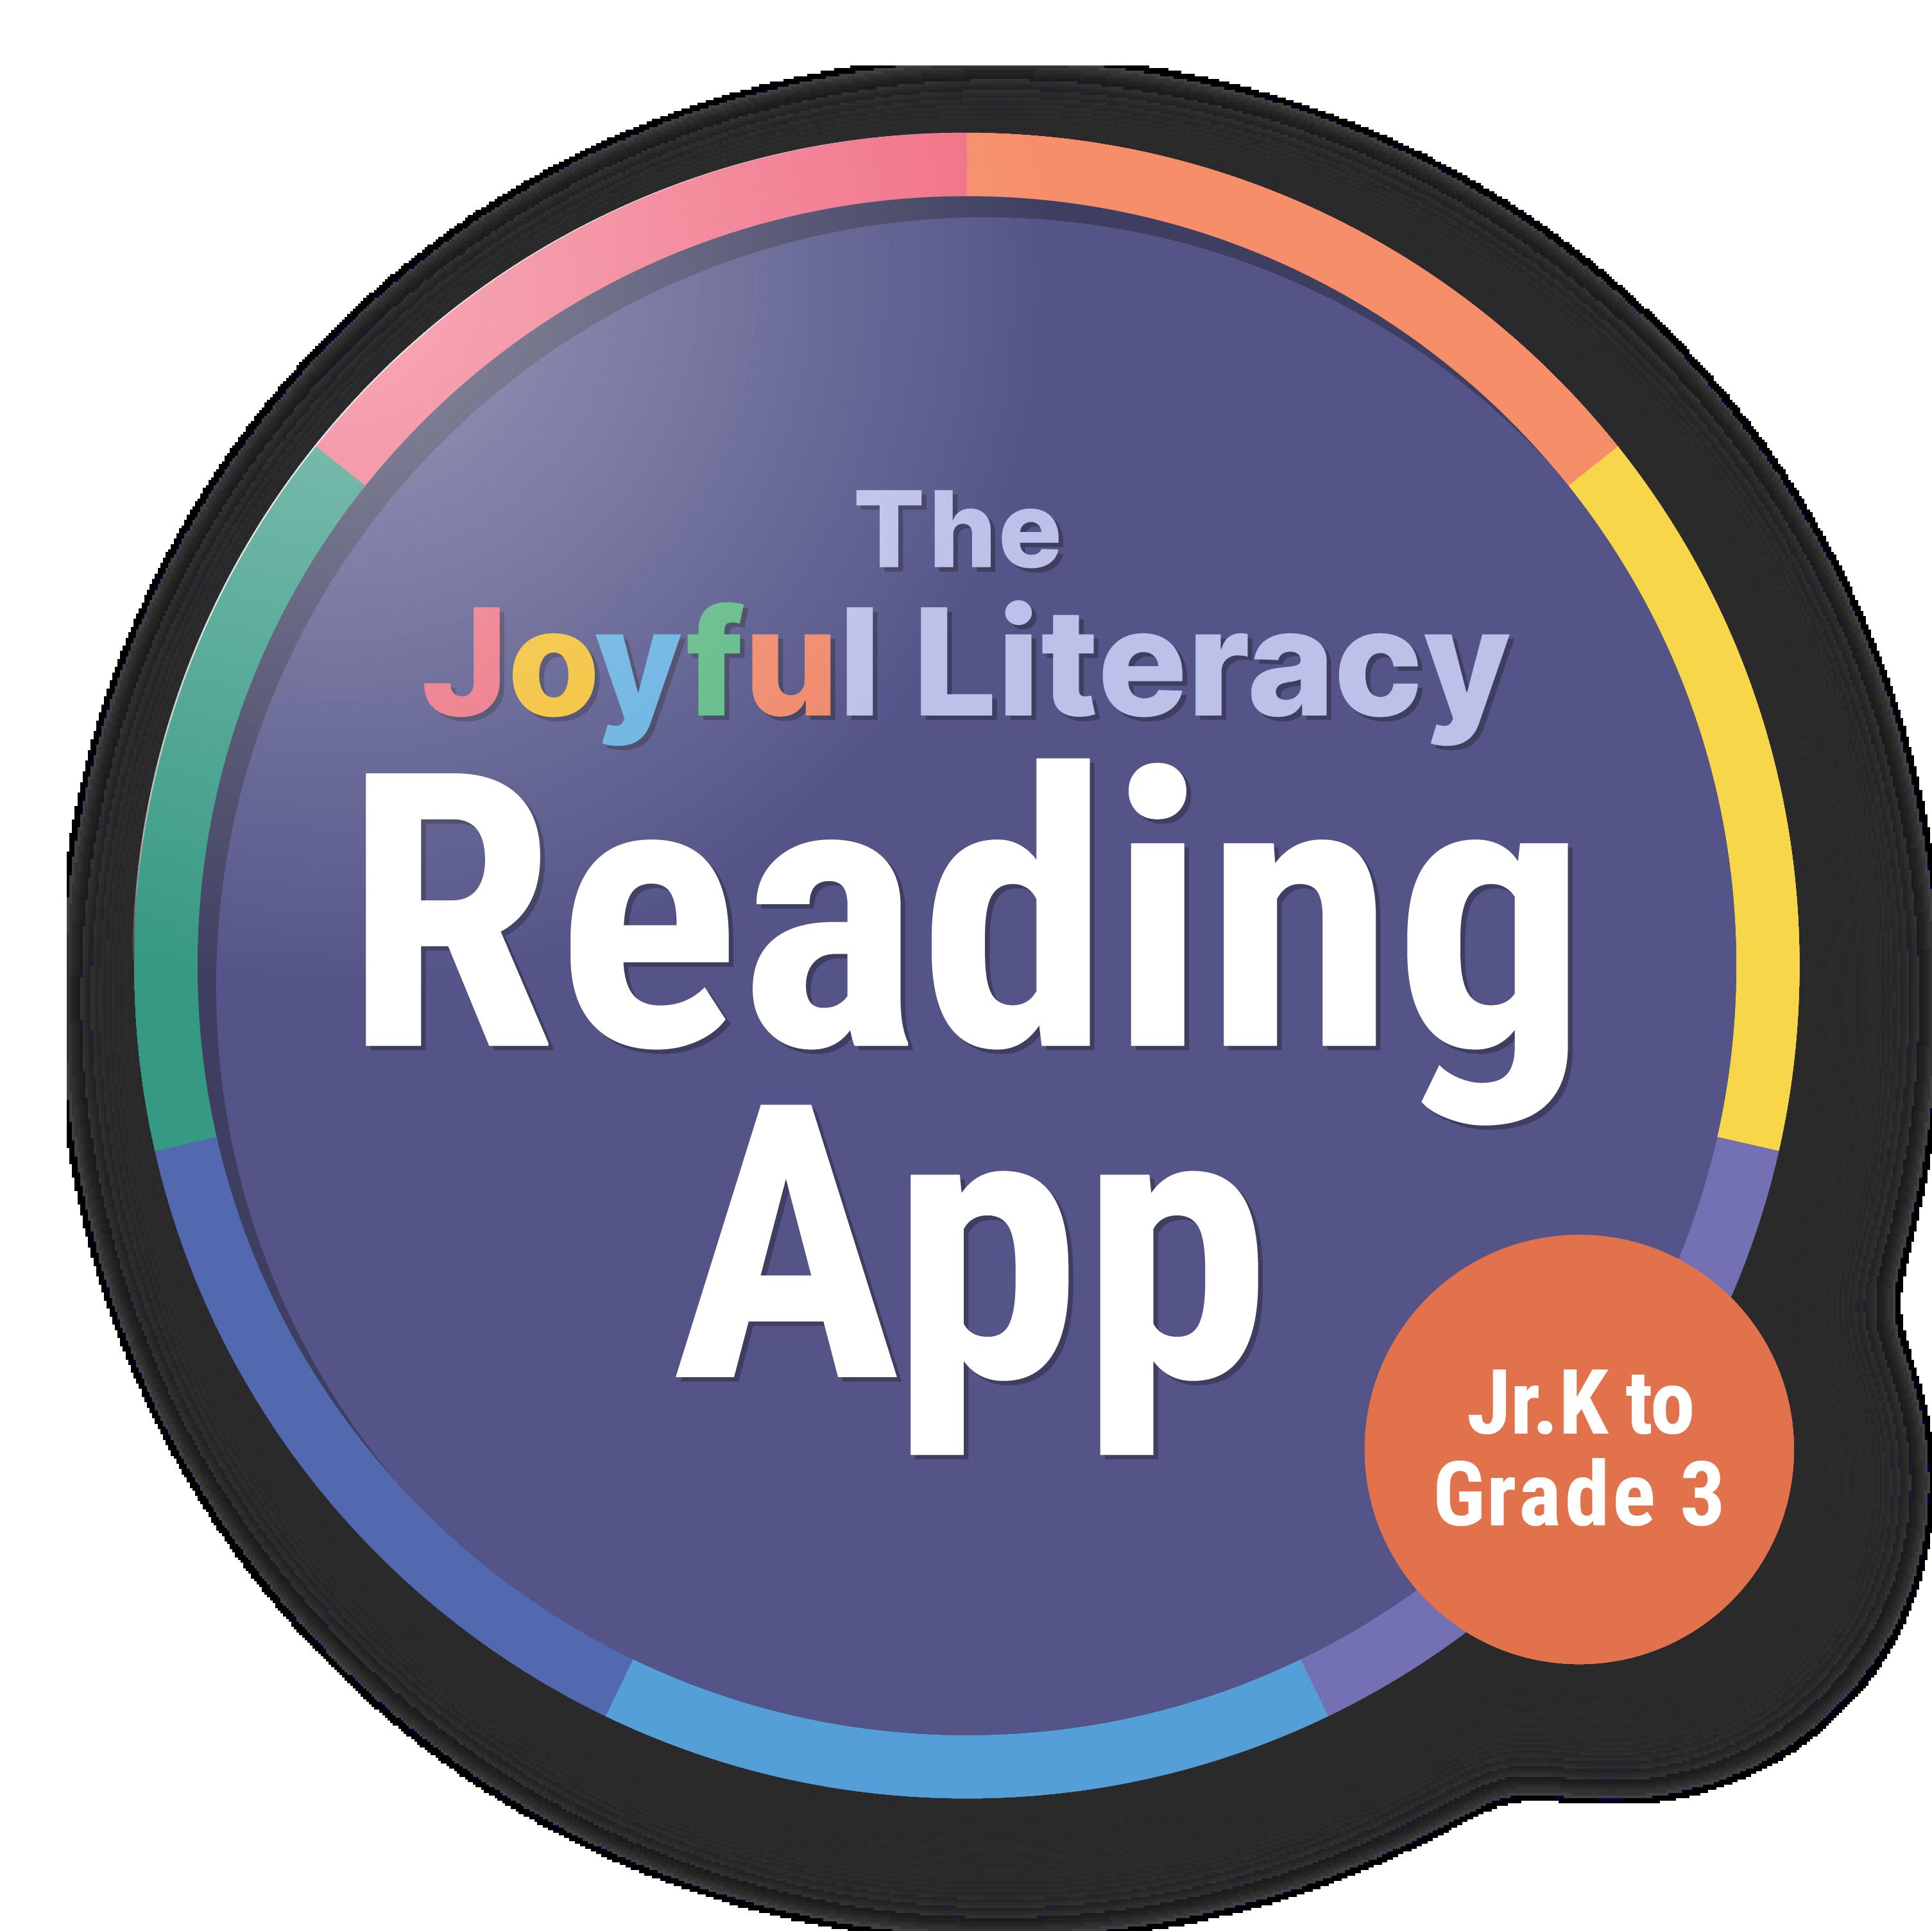 Logo design for joyful literacy's reading app